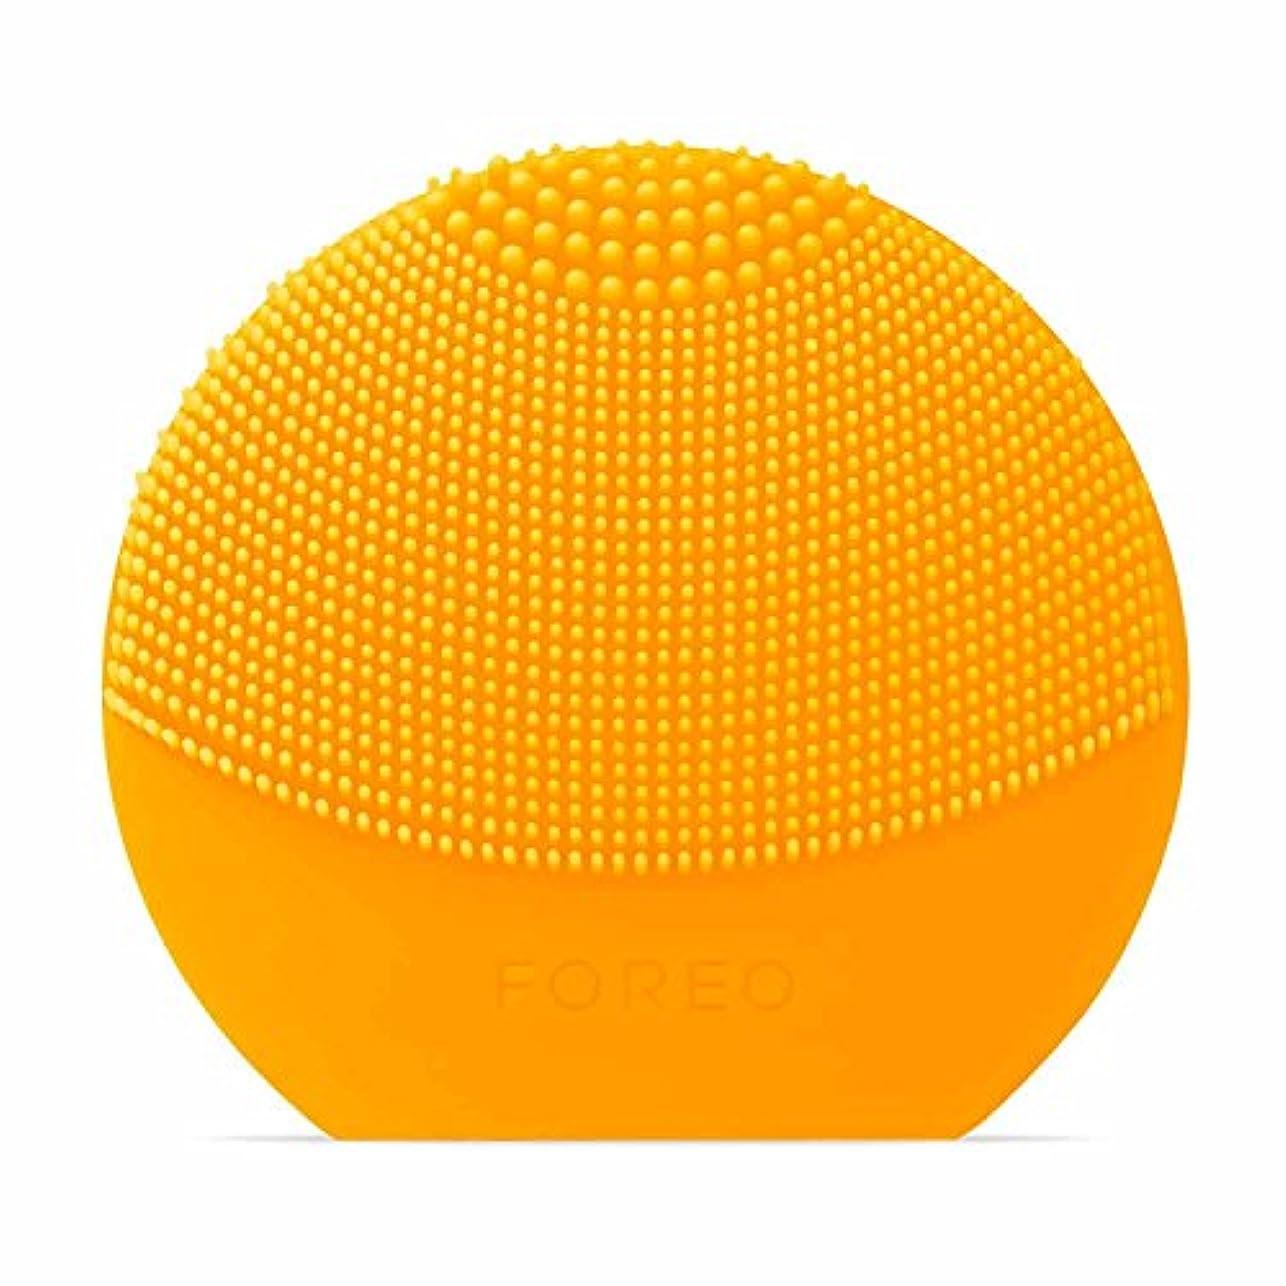 悪化させる中間精神FOREO LUNA Play Plus サンフラワーイエロー シリコーン製 音波振動 電動洗顔ブラシ 電池式